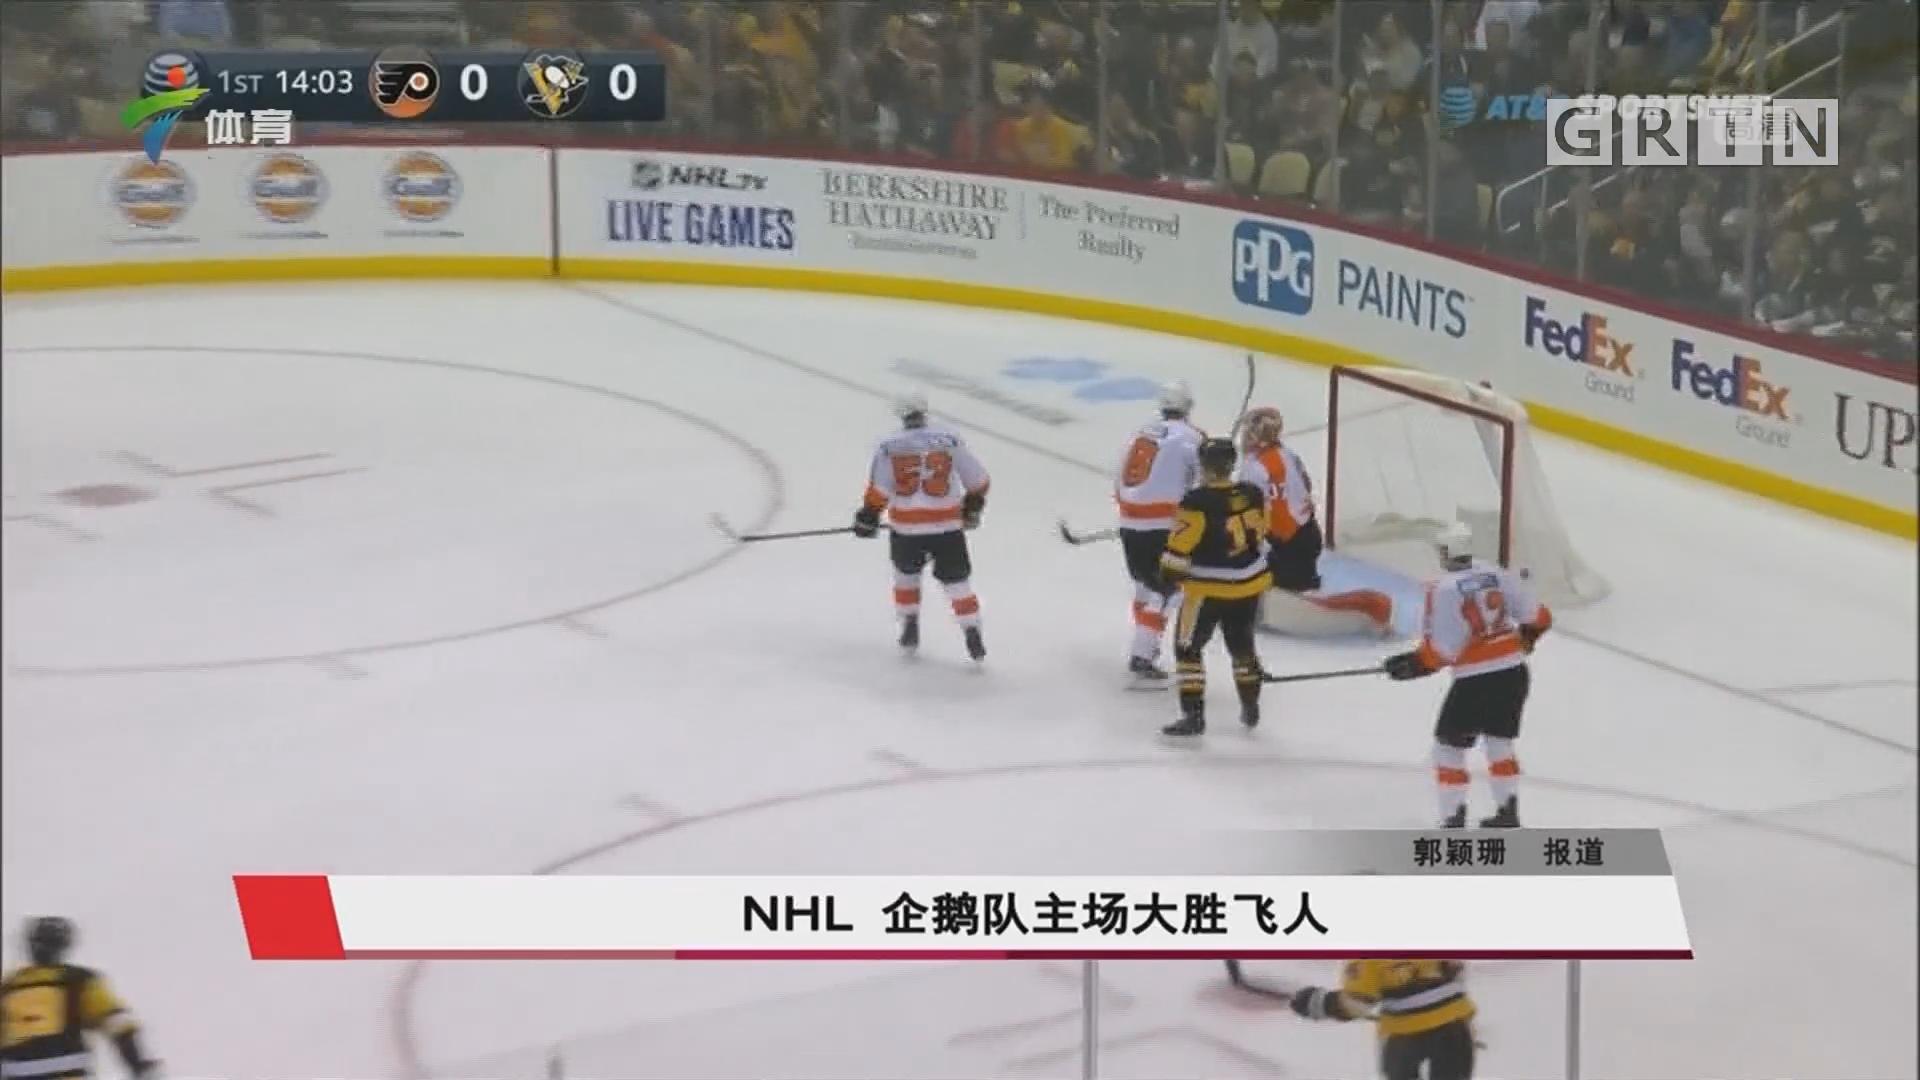 NHL 企鹅队主场大胜飞人